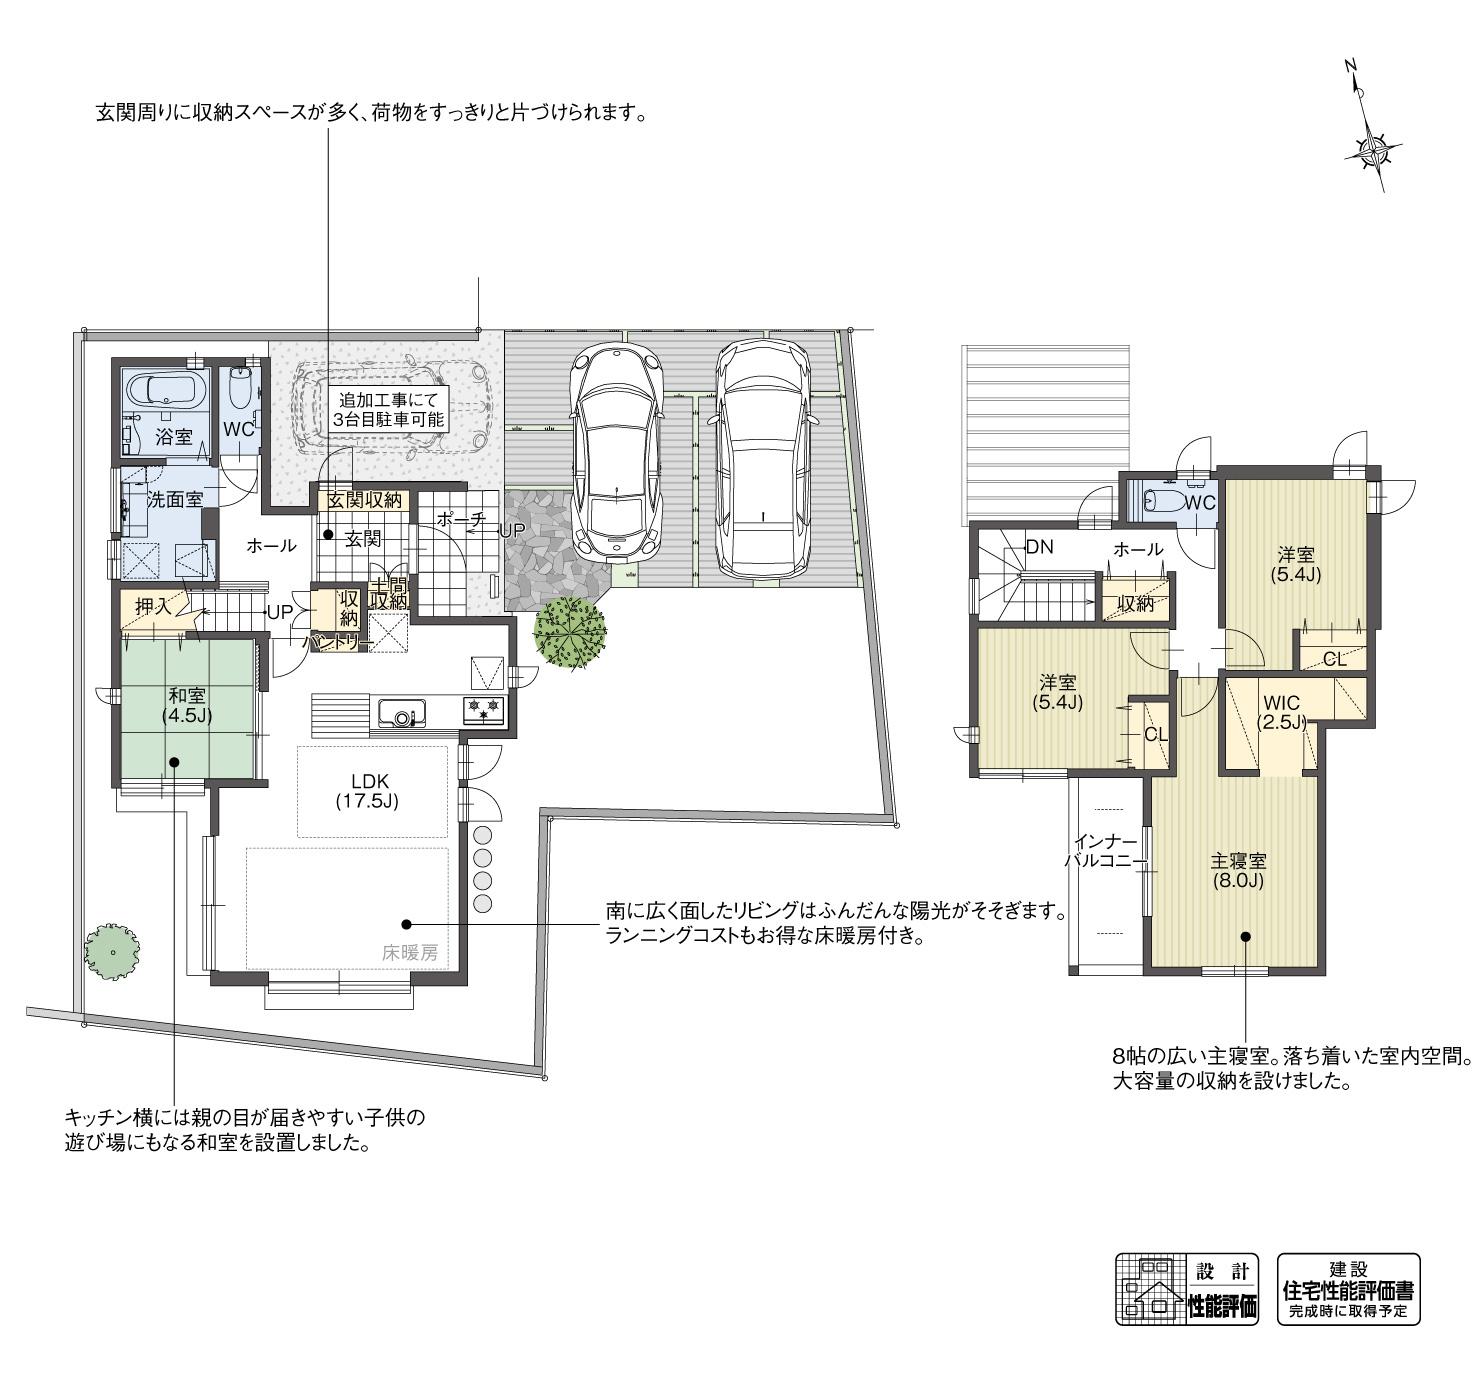 間取図_plan4_安城市山崎町